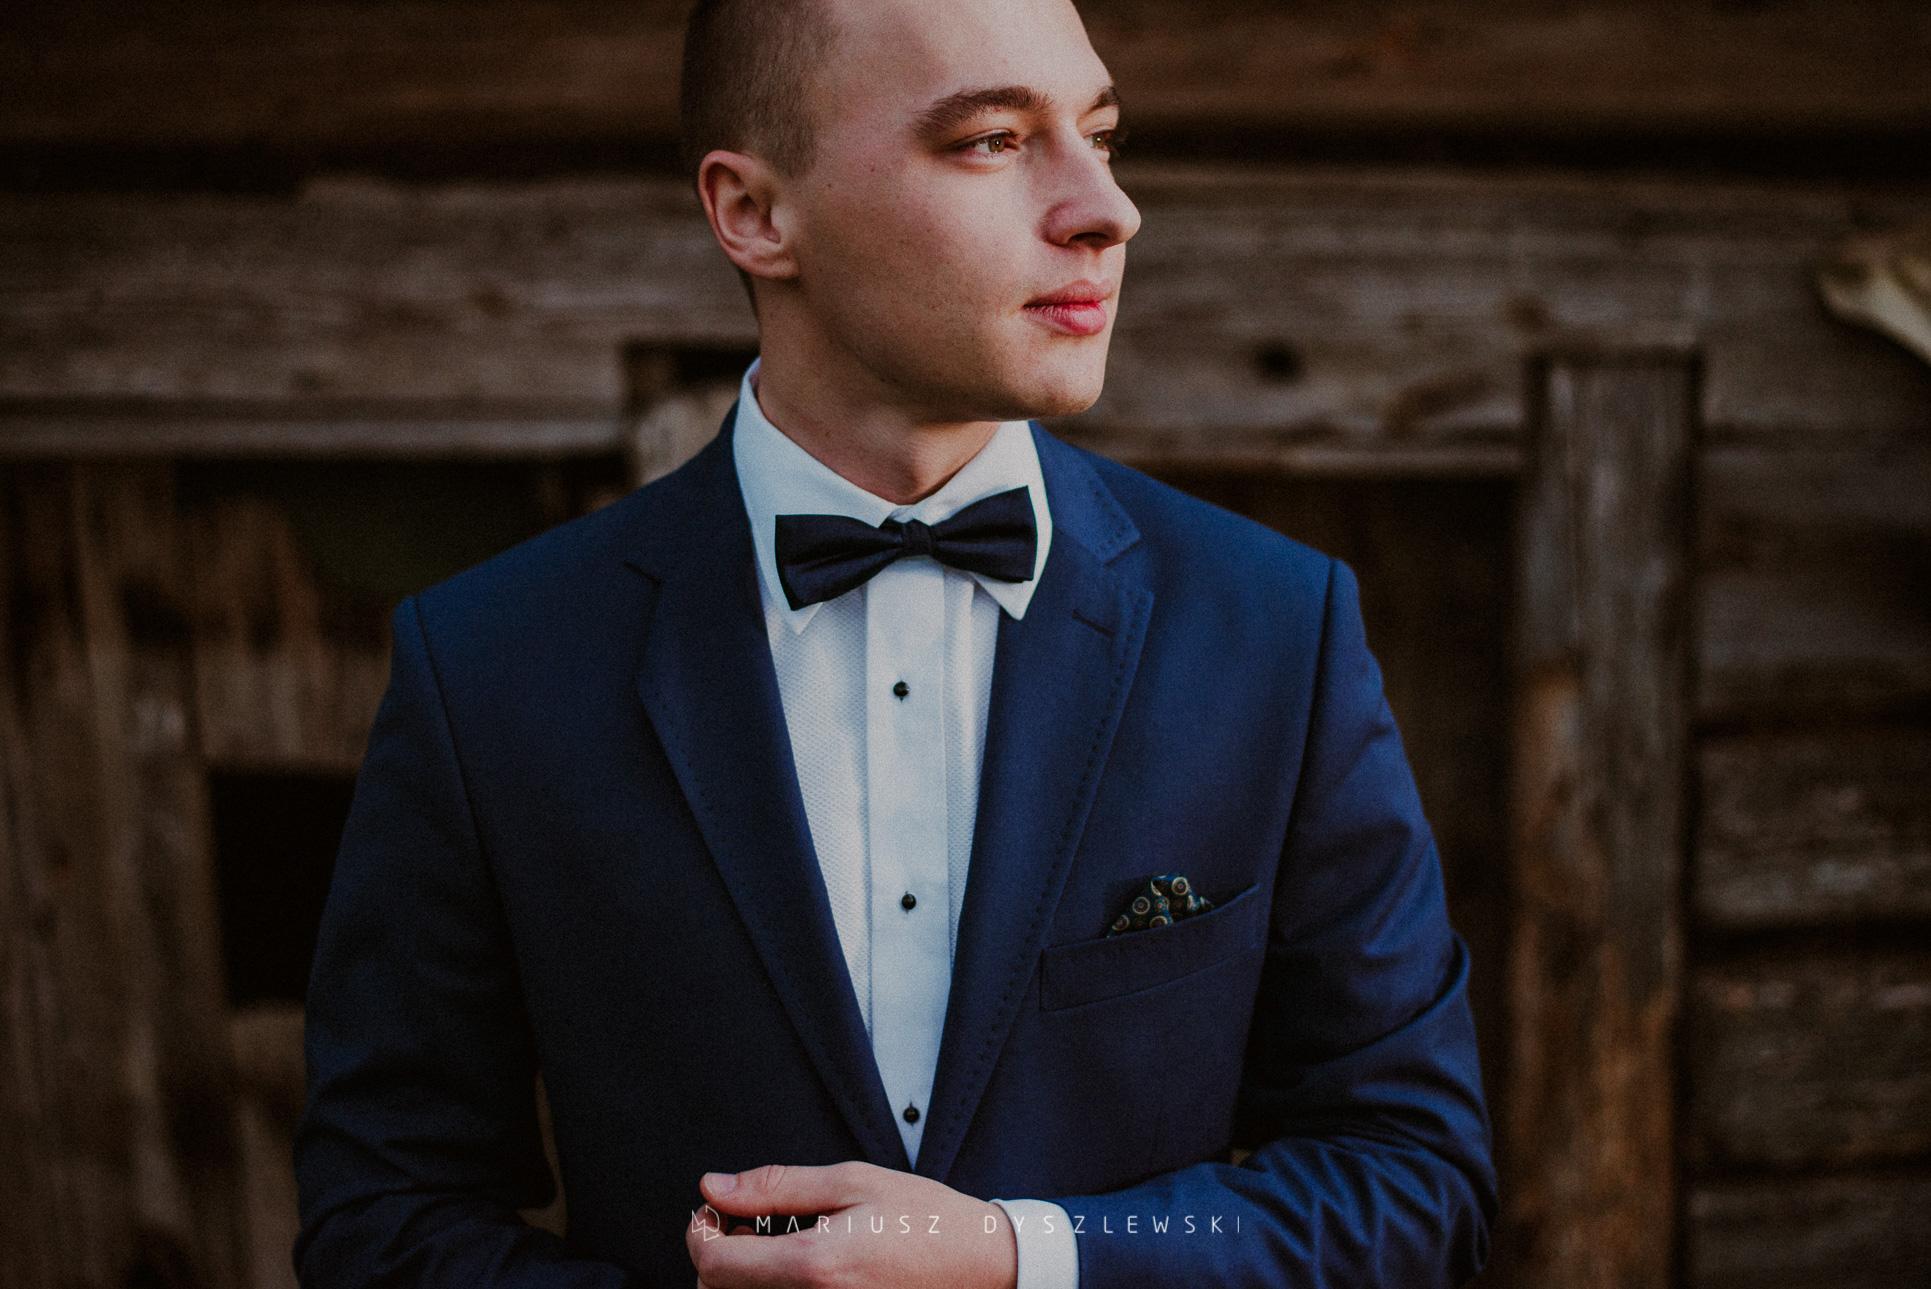 Ania i Mariusz | zapowiedź sesji ślubnej